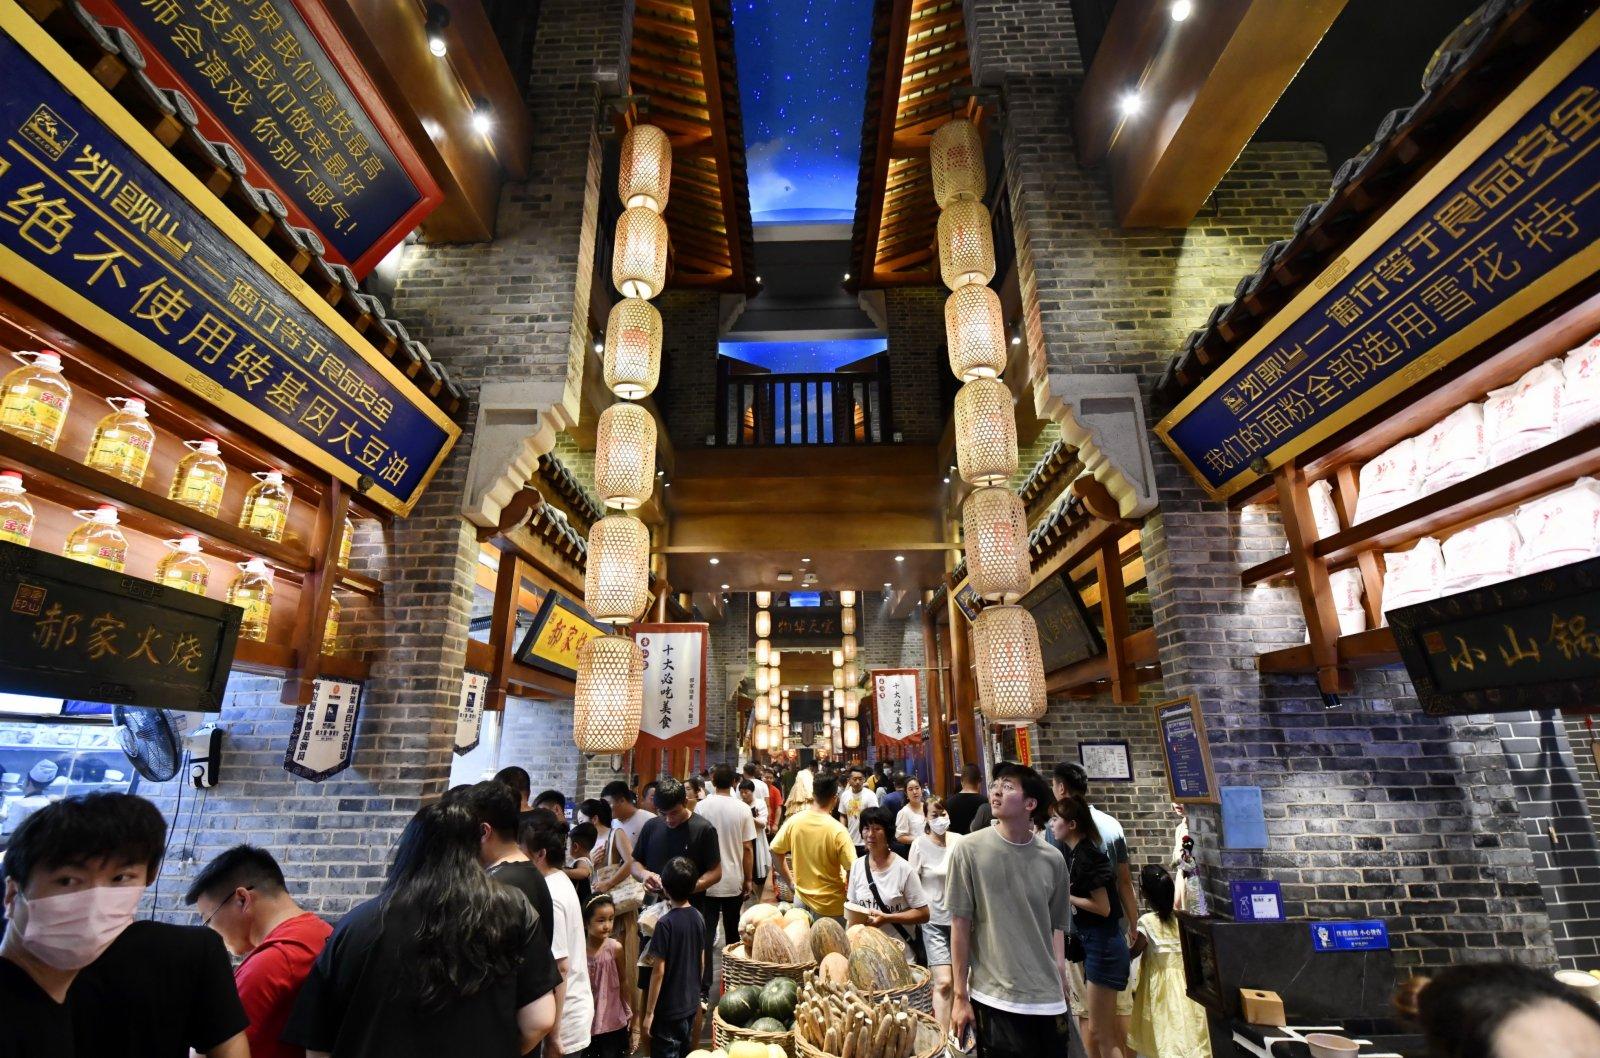 遊客在唐山飲食文化博物館內遊玩。 新華社